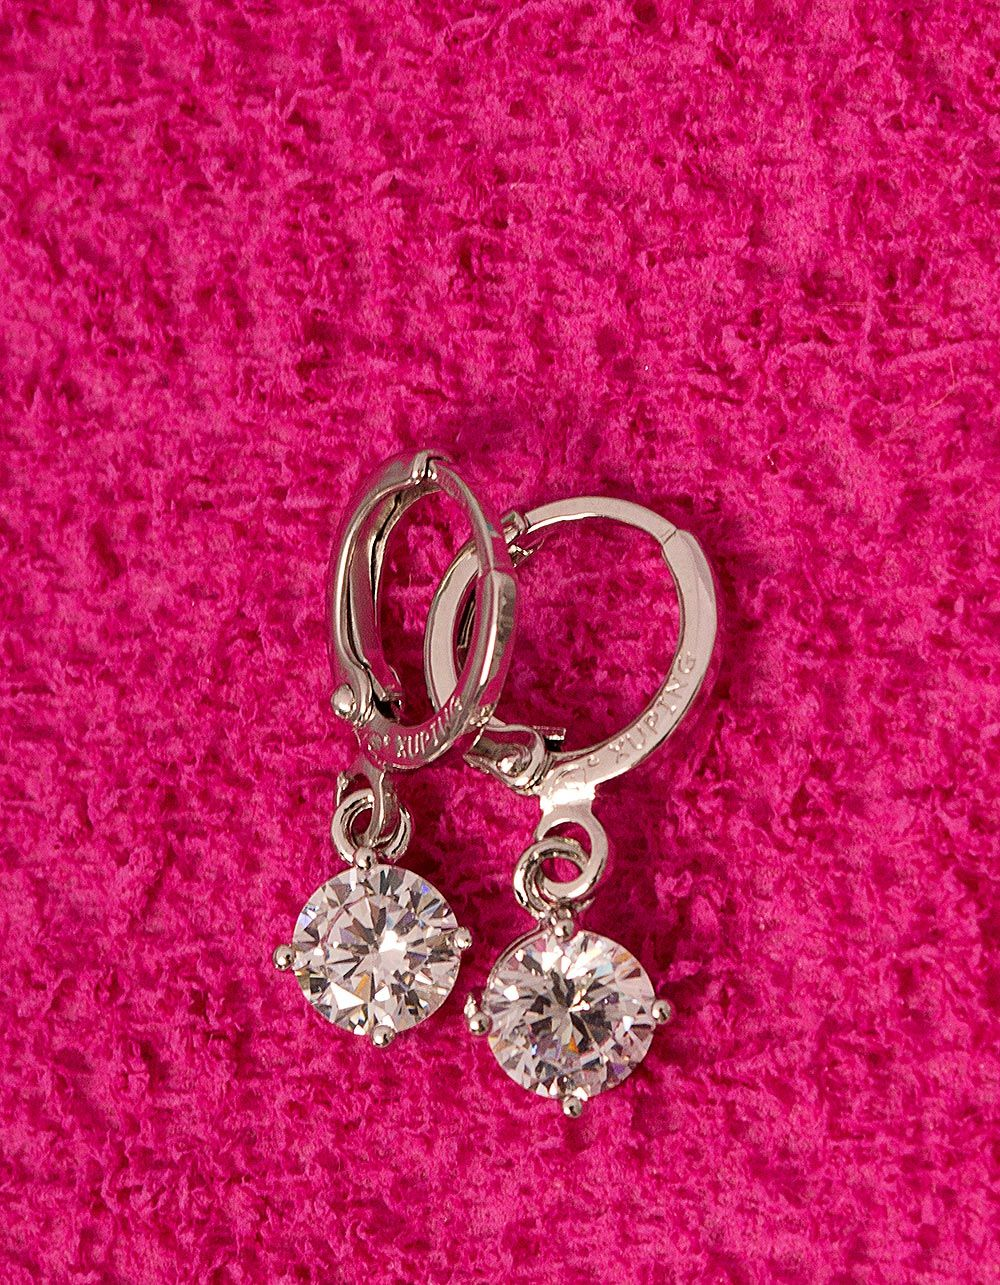 Сережки англійська застібка з кристалами | 228476-06-XX